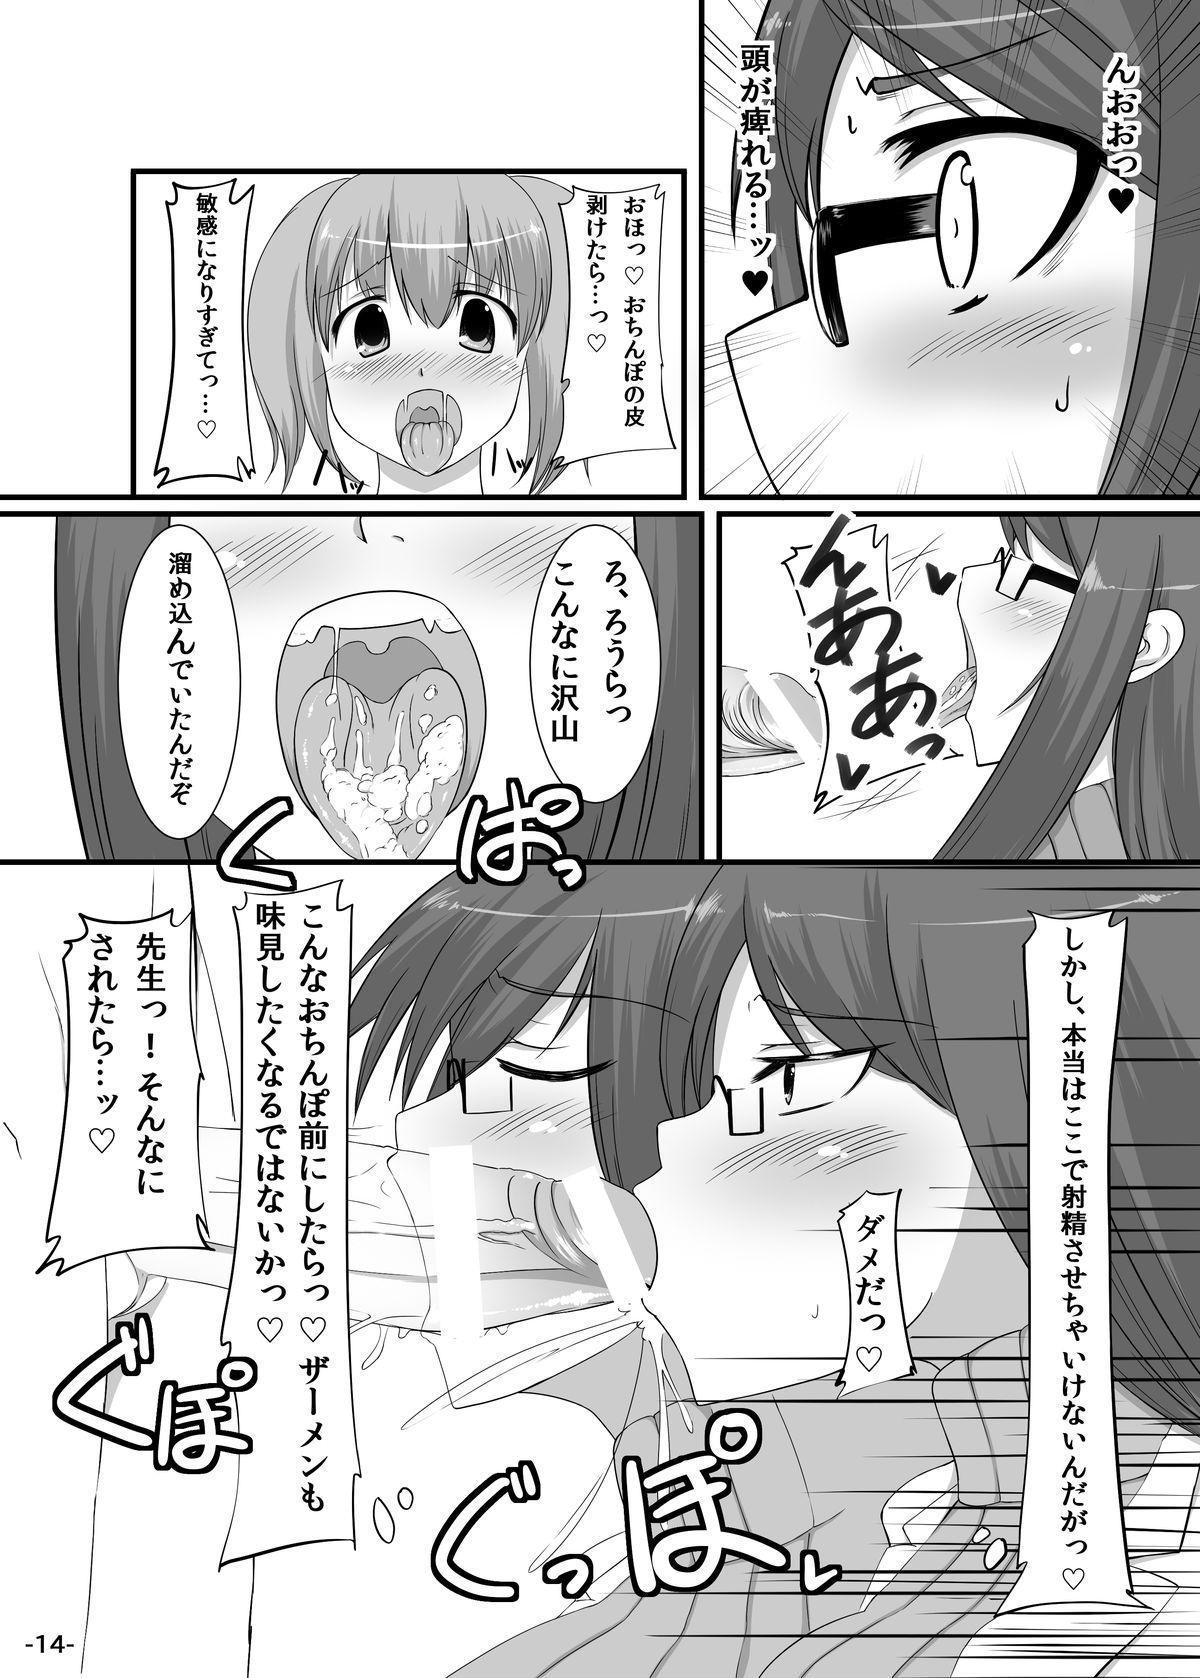 Futa Yuri 12